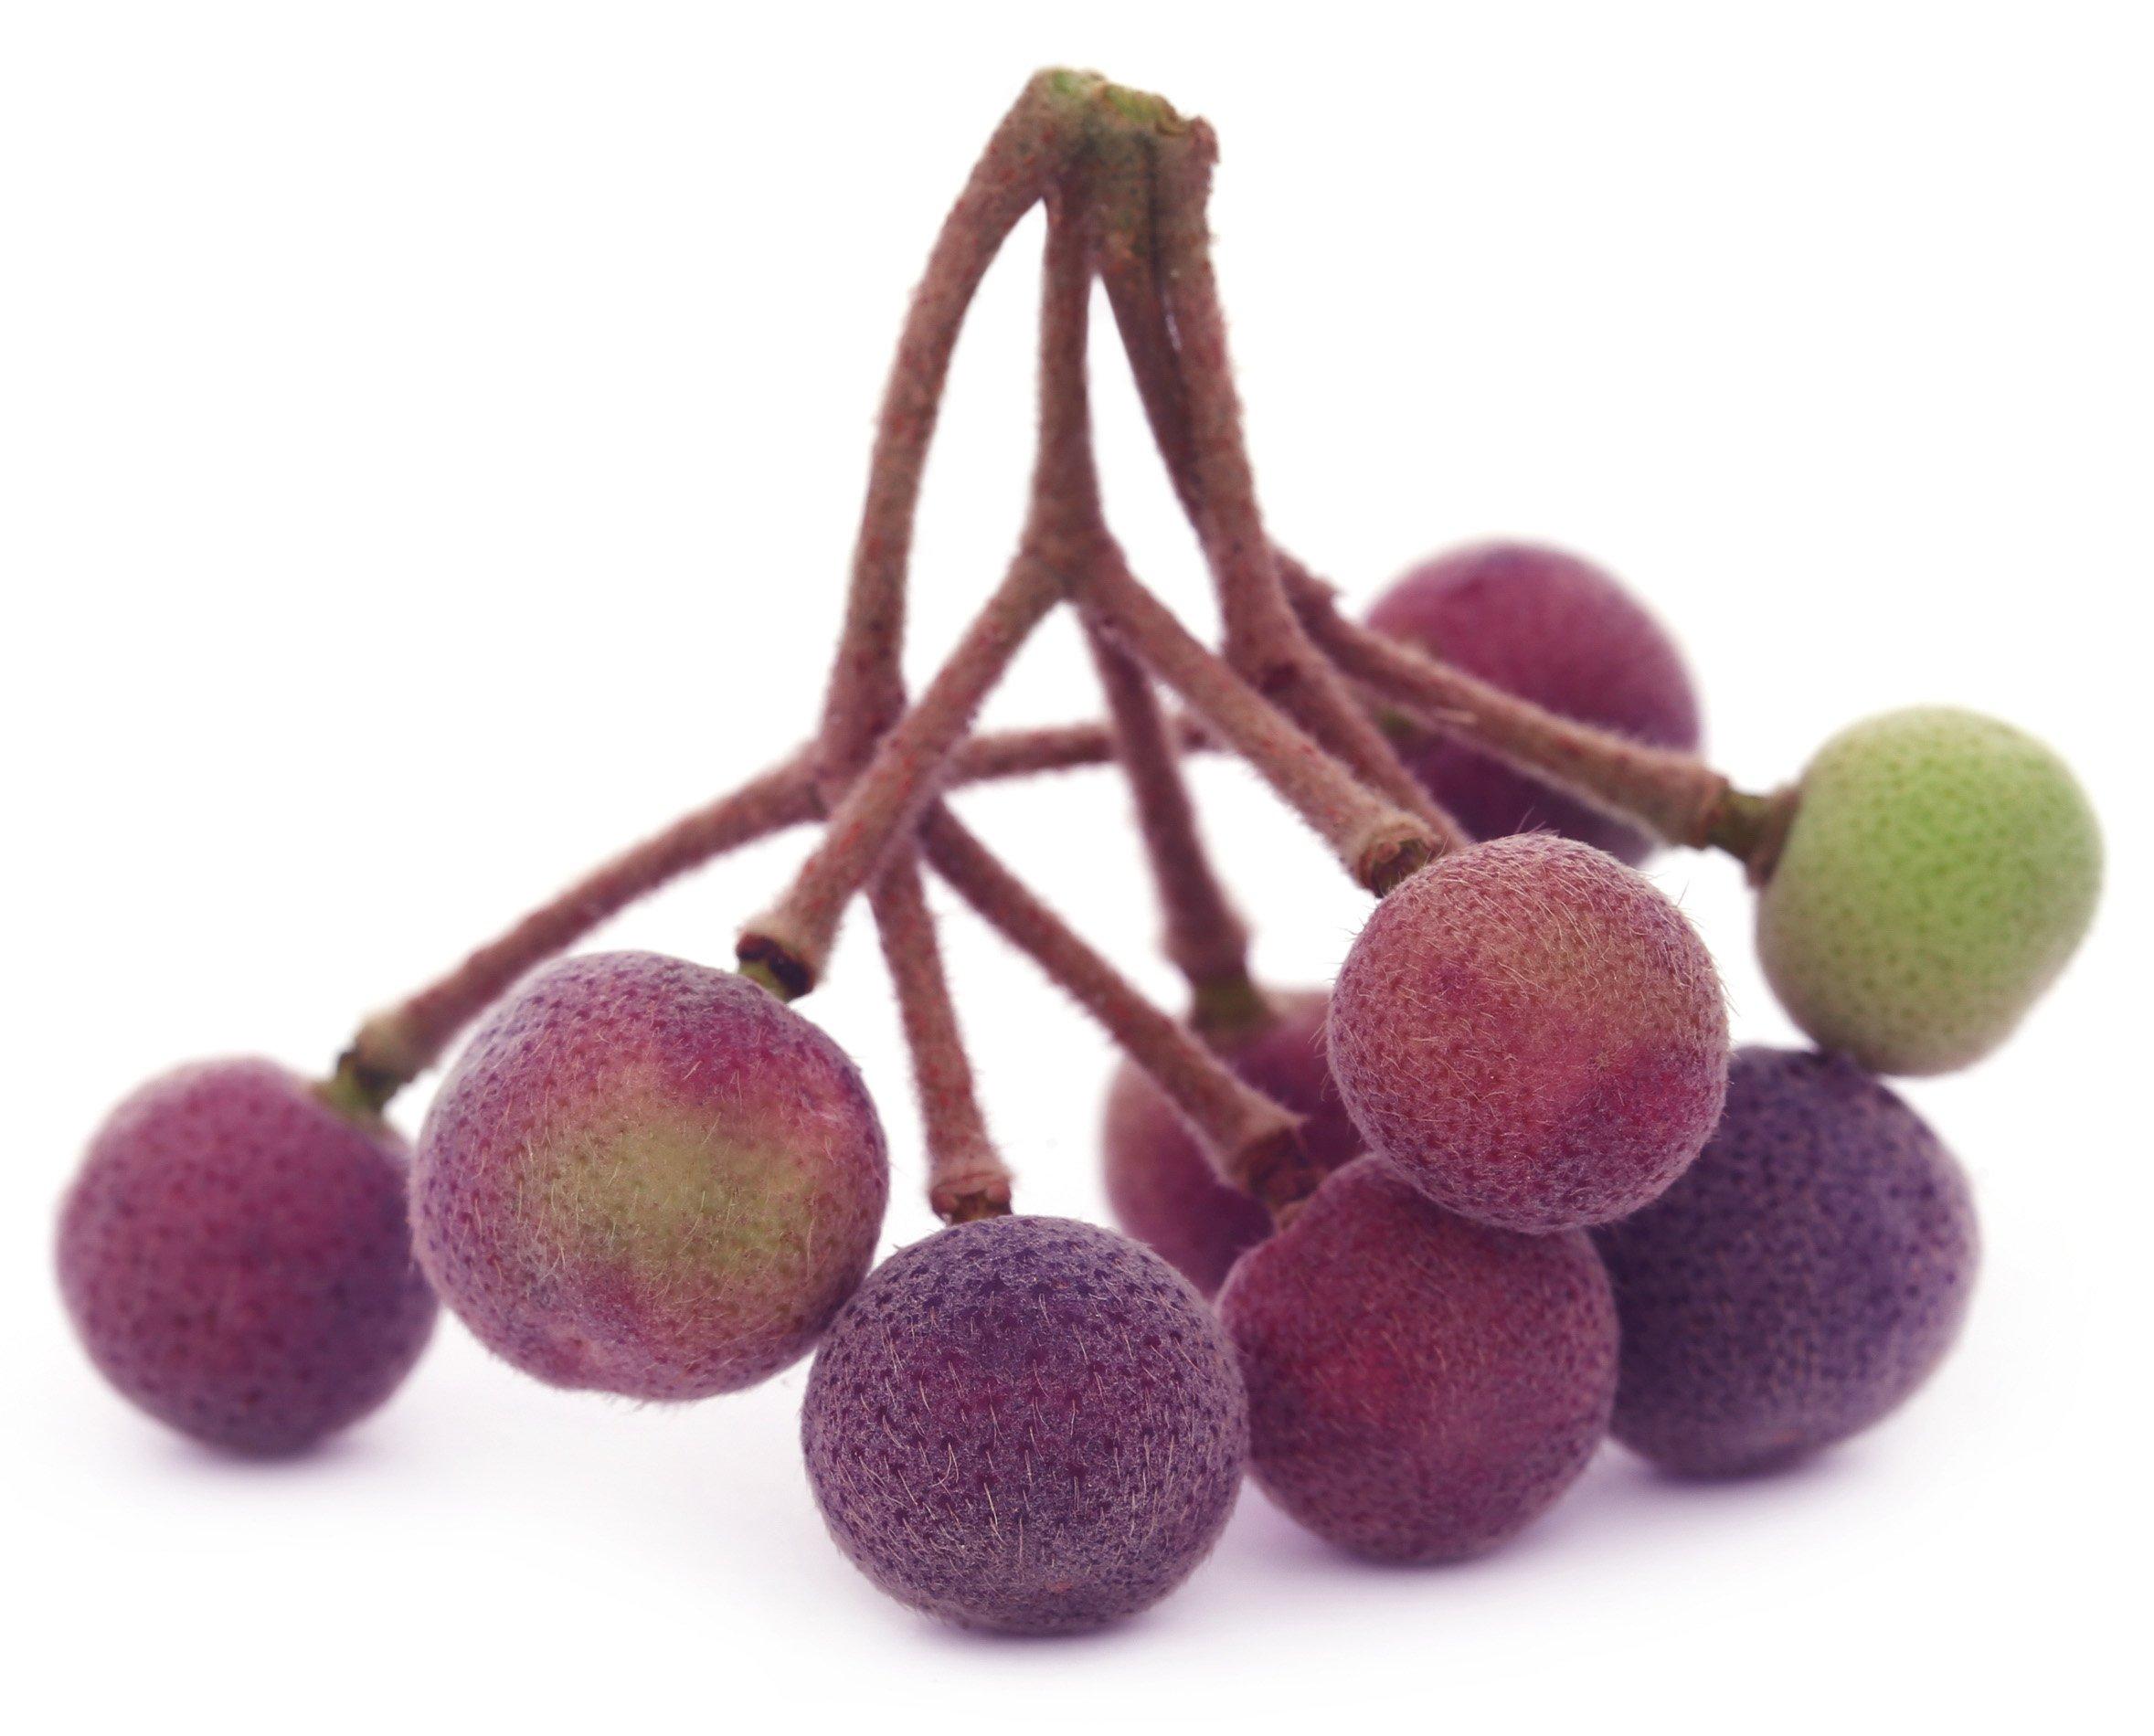 Sherbet Berry Live Plant Fruit Tree Grewia asiatica Phalsa Falsa subinaequalis